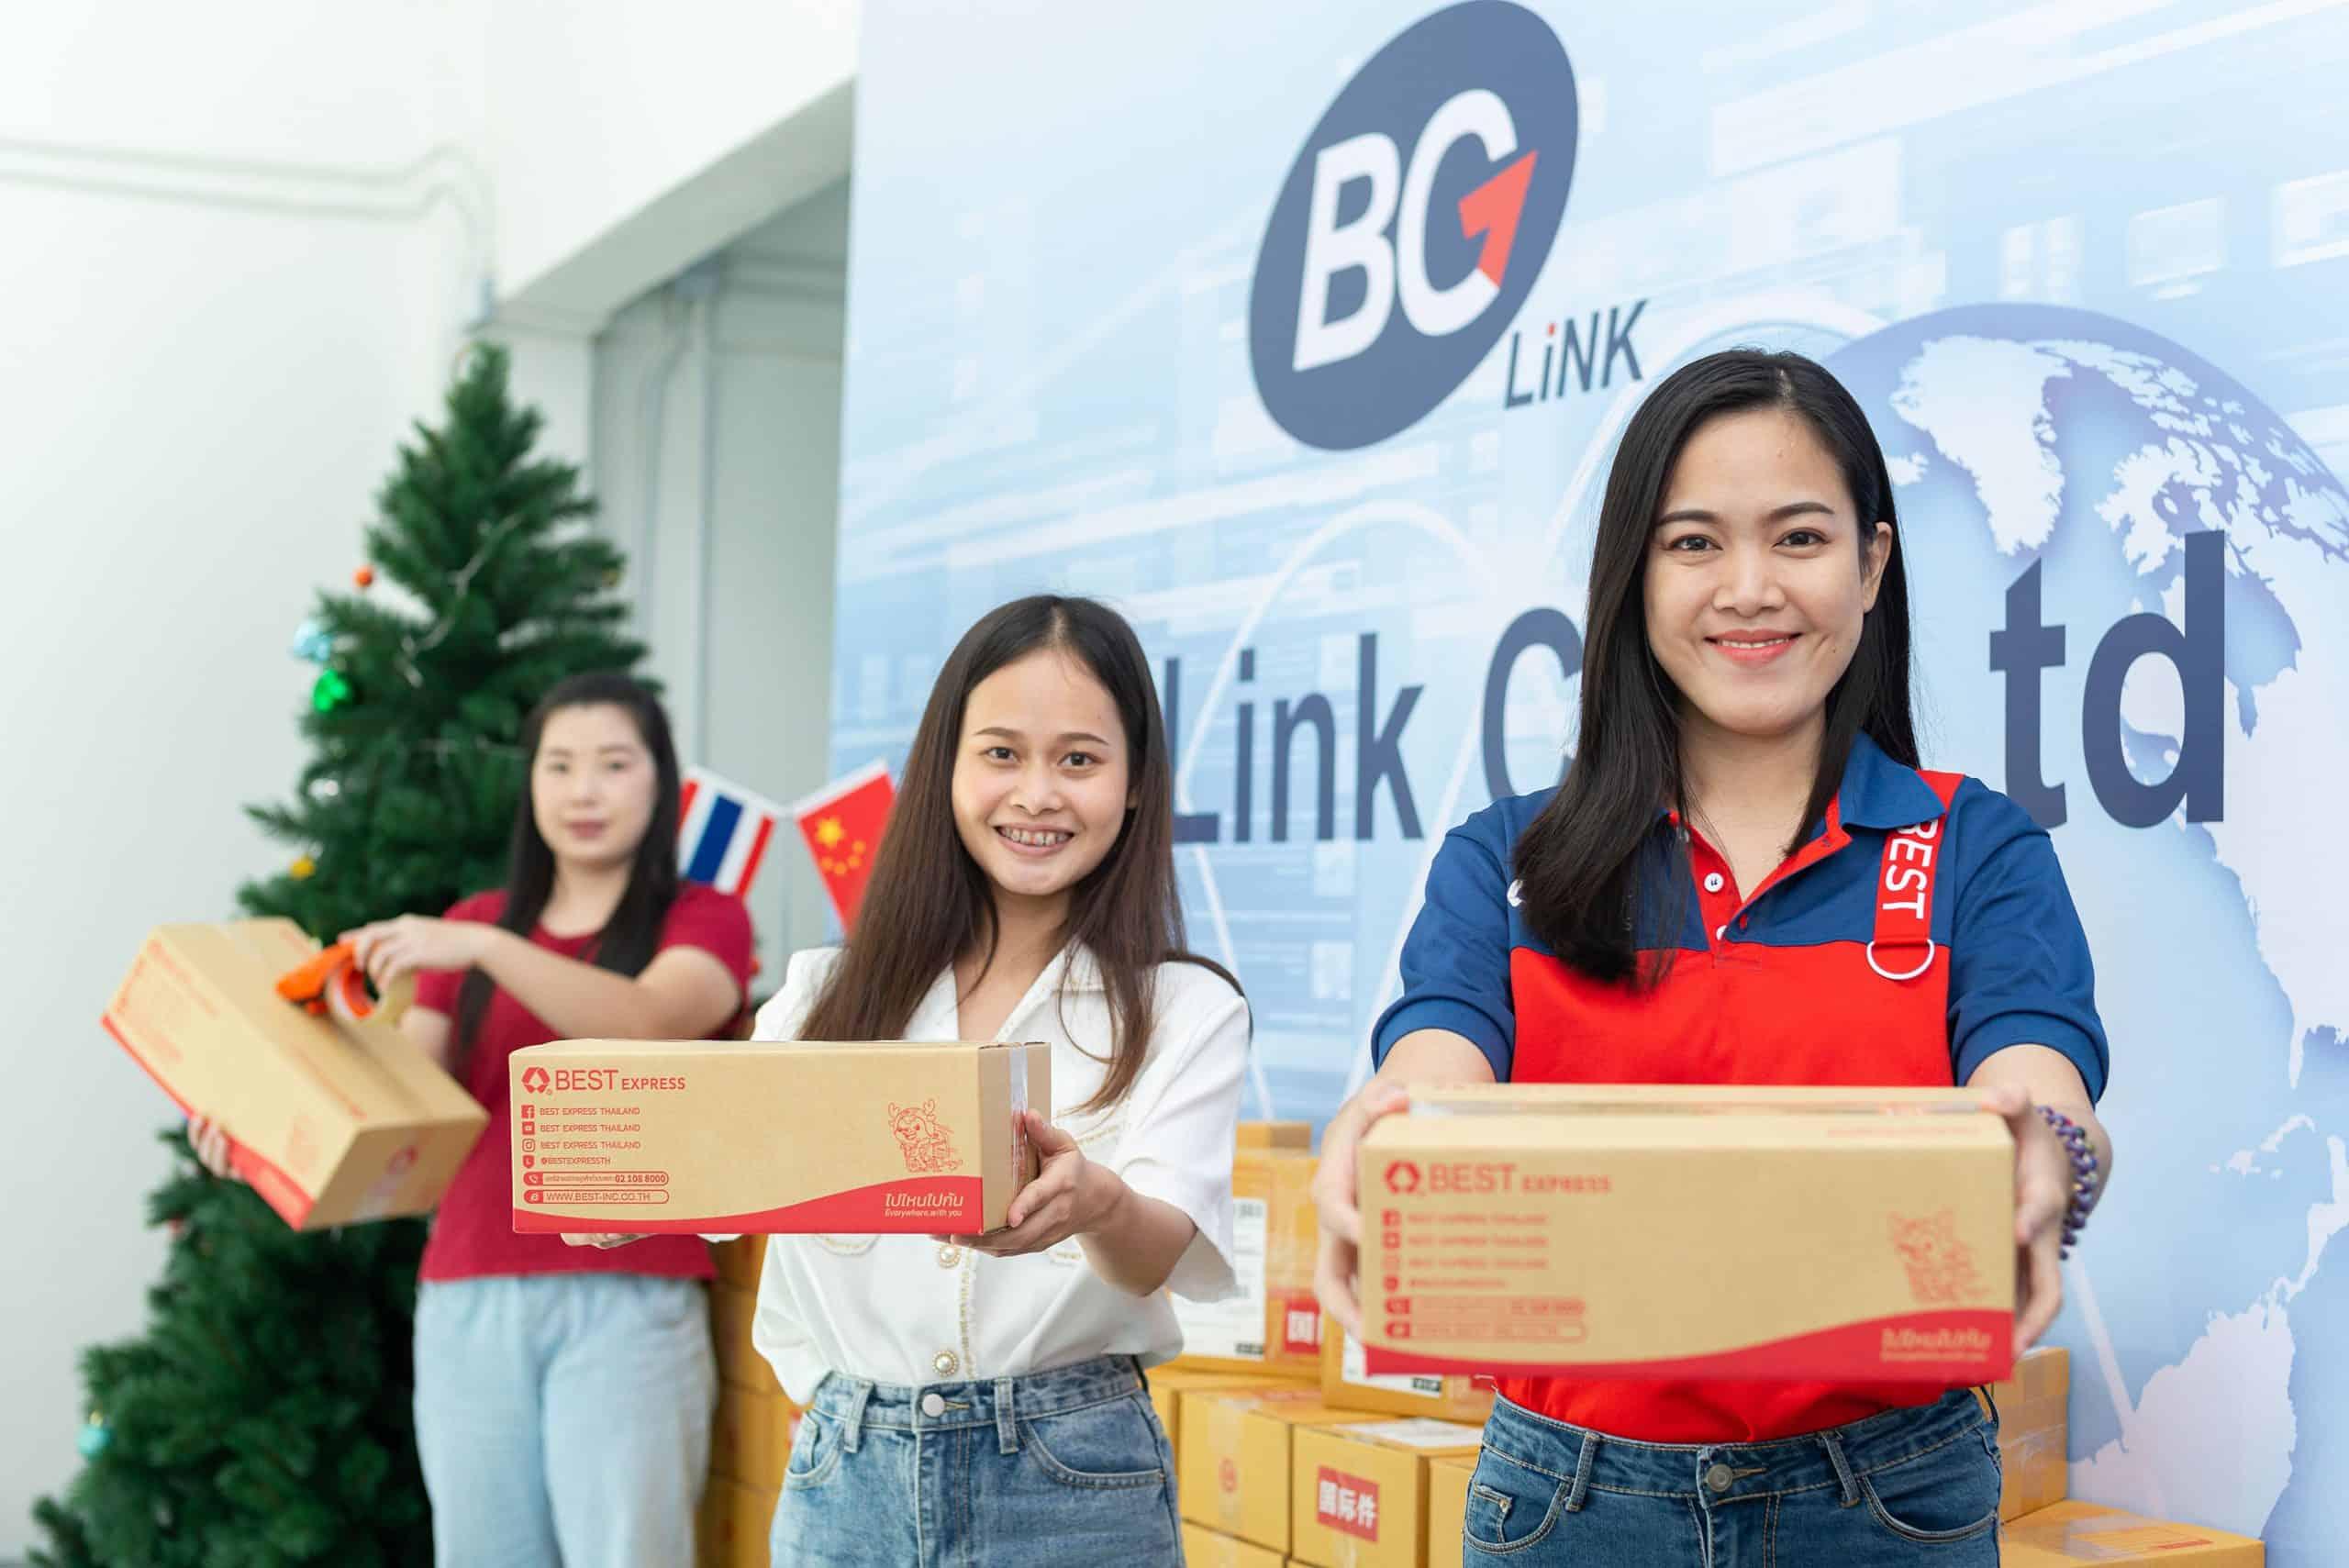 BG LINK ทางเลือกใหม่ของการส่งสินค้าระหว่างประเทศ